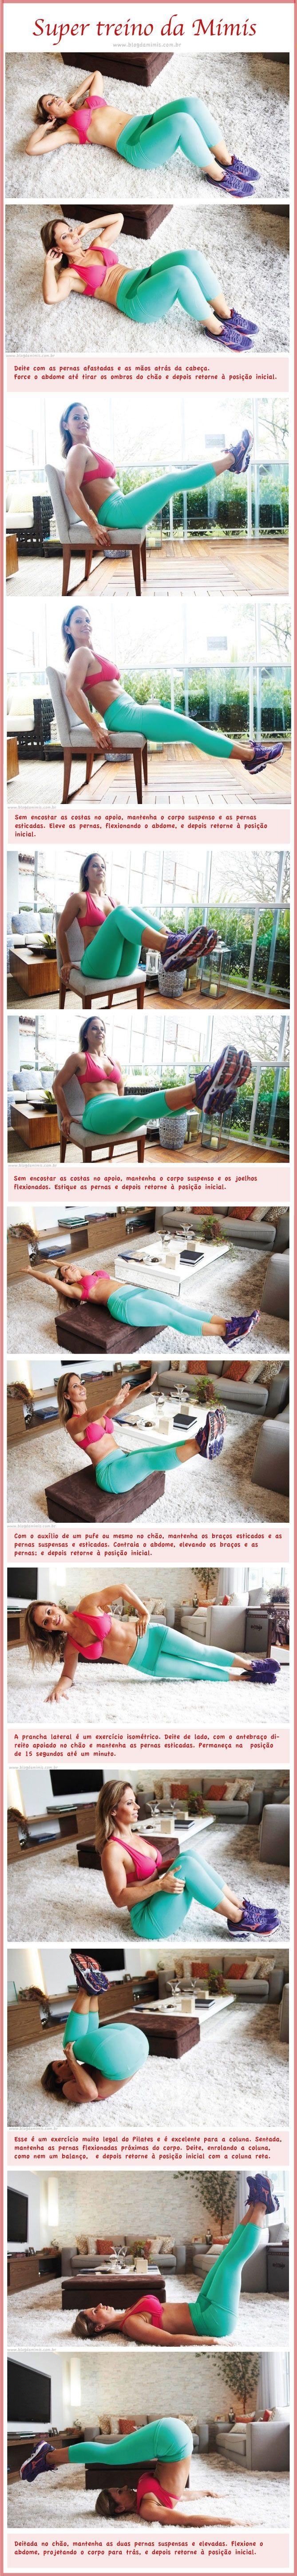 Super treino abdominal: faça em qualquer lugar - Blog da Mimis